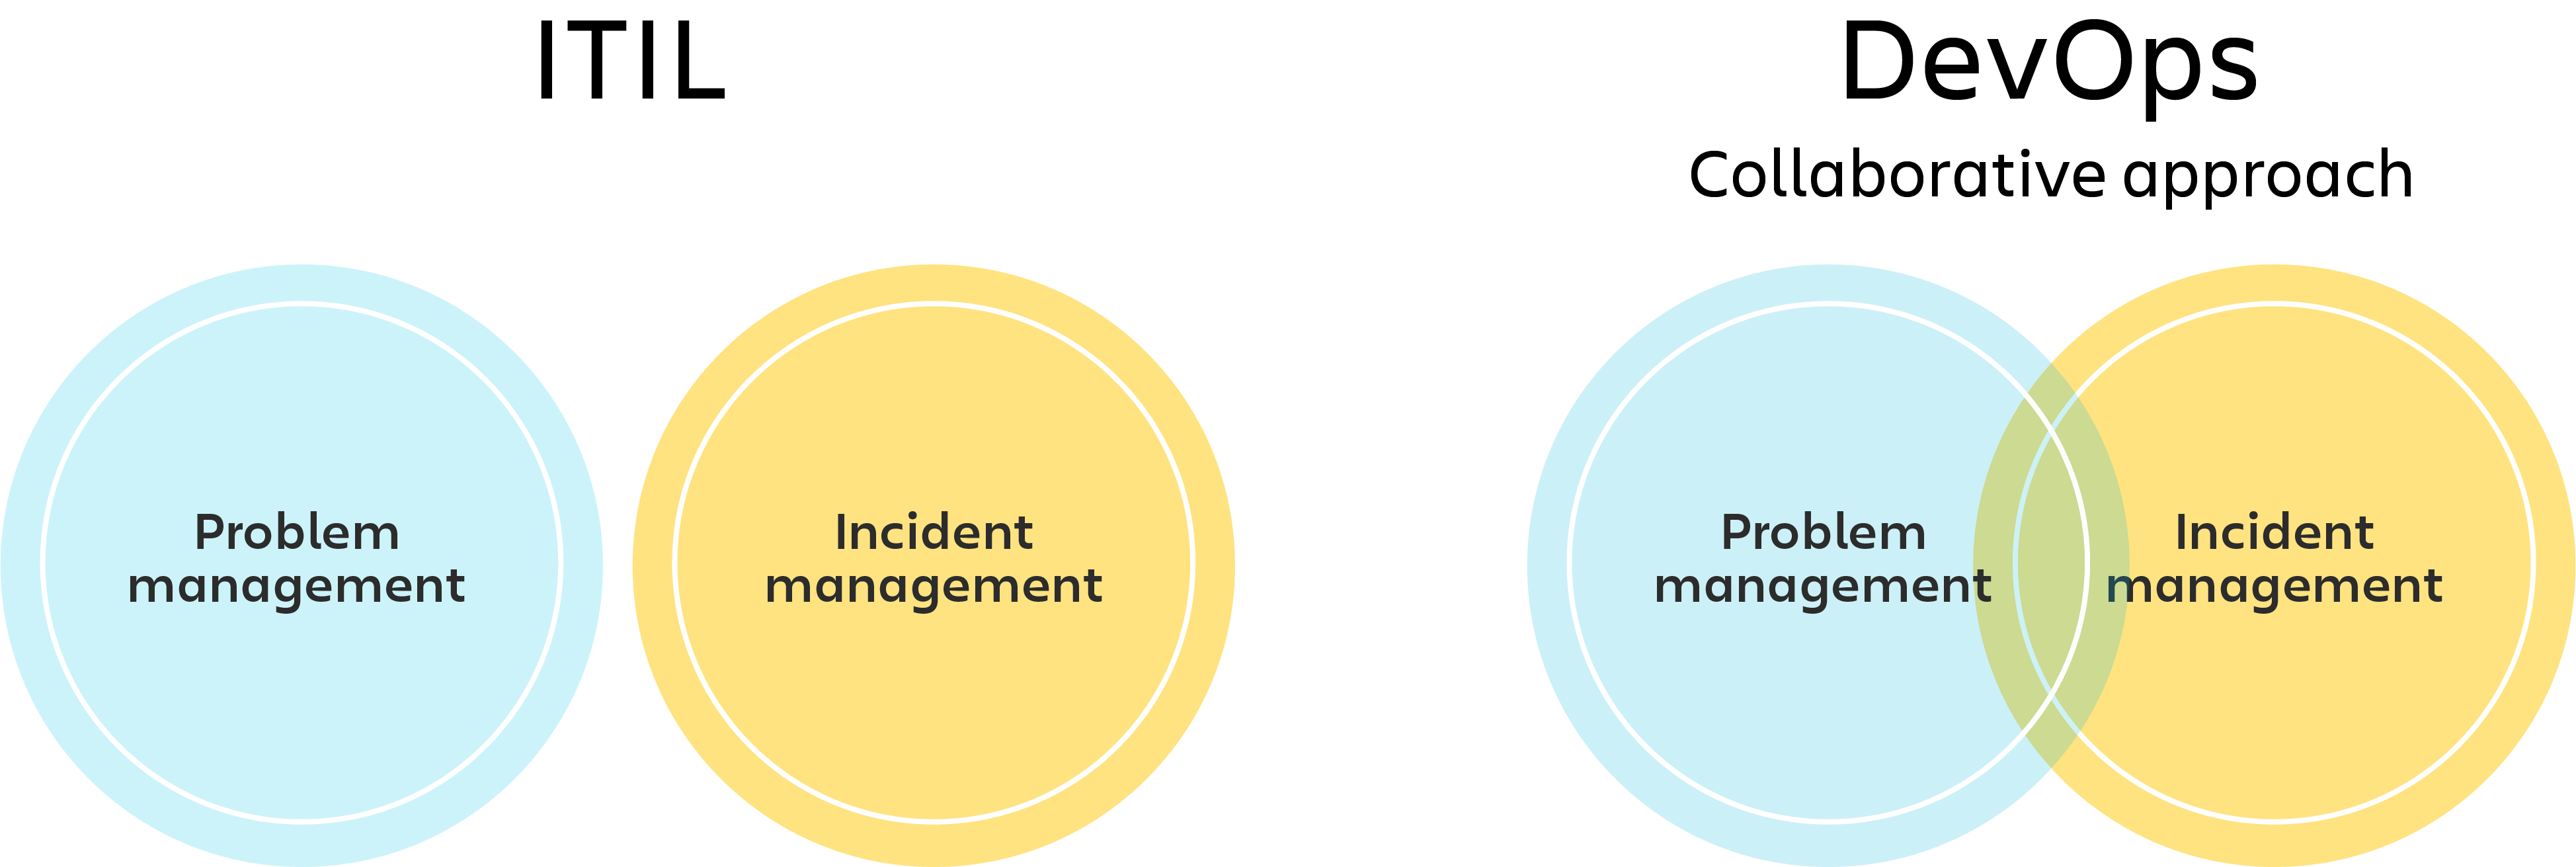 ITIL-Diagramm mit separaten Problem- und Vorfallmanagement-Kreisen und DevOps-Diagramm mit Venn-Diagramm des Problem- und Vorfallmanagements